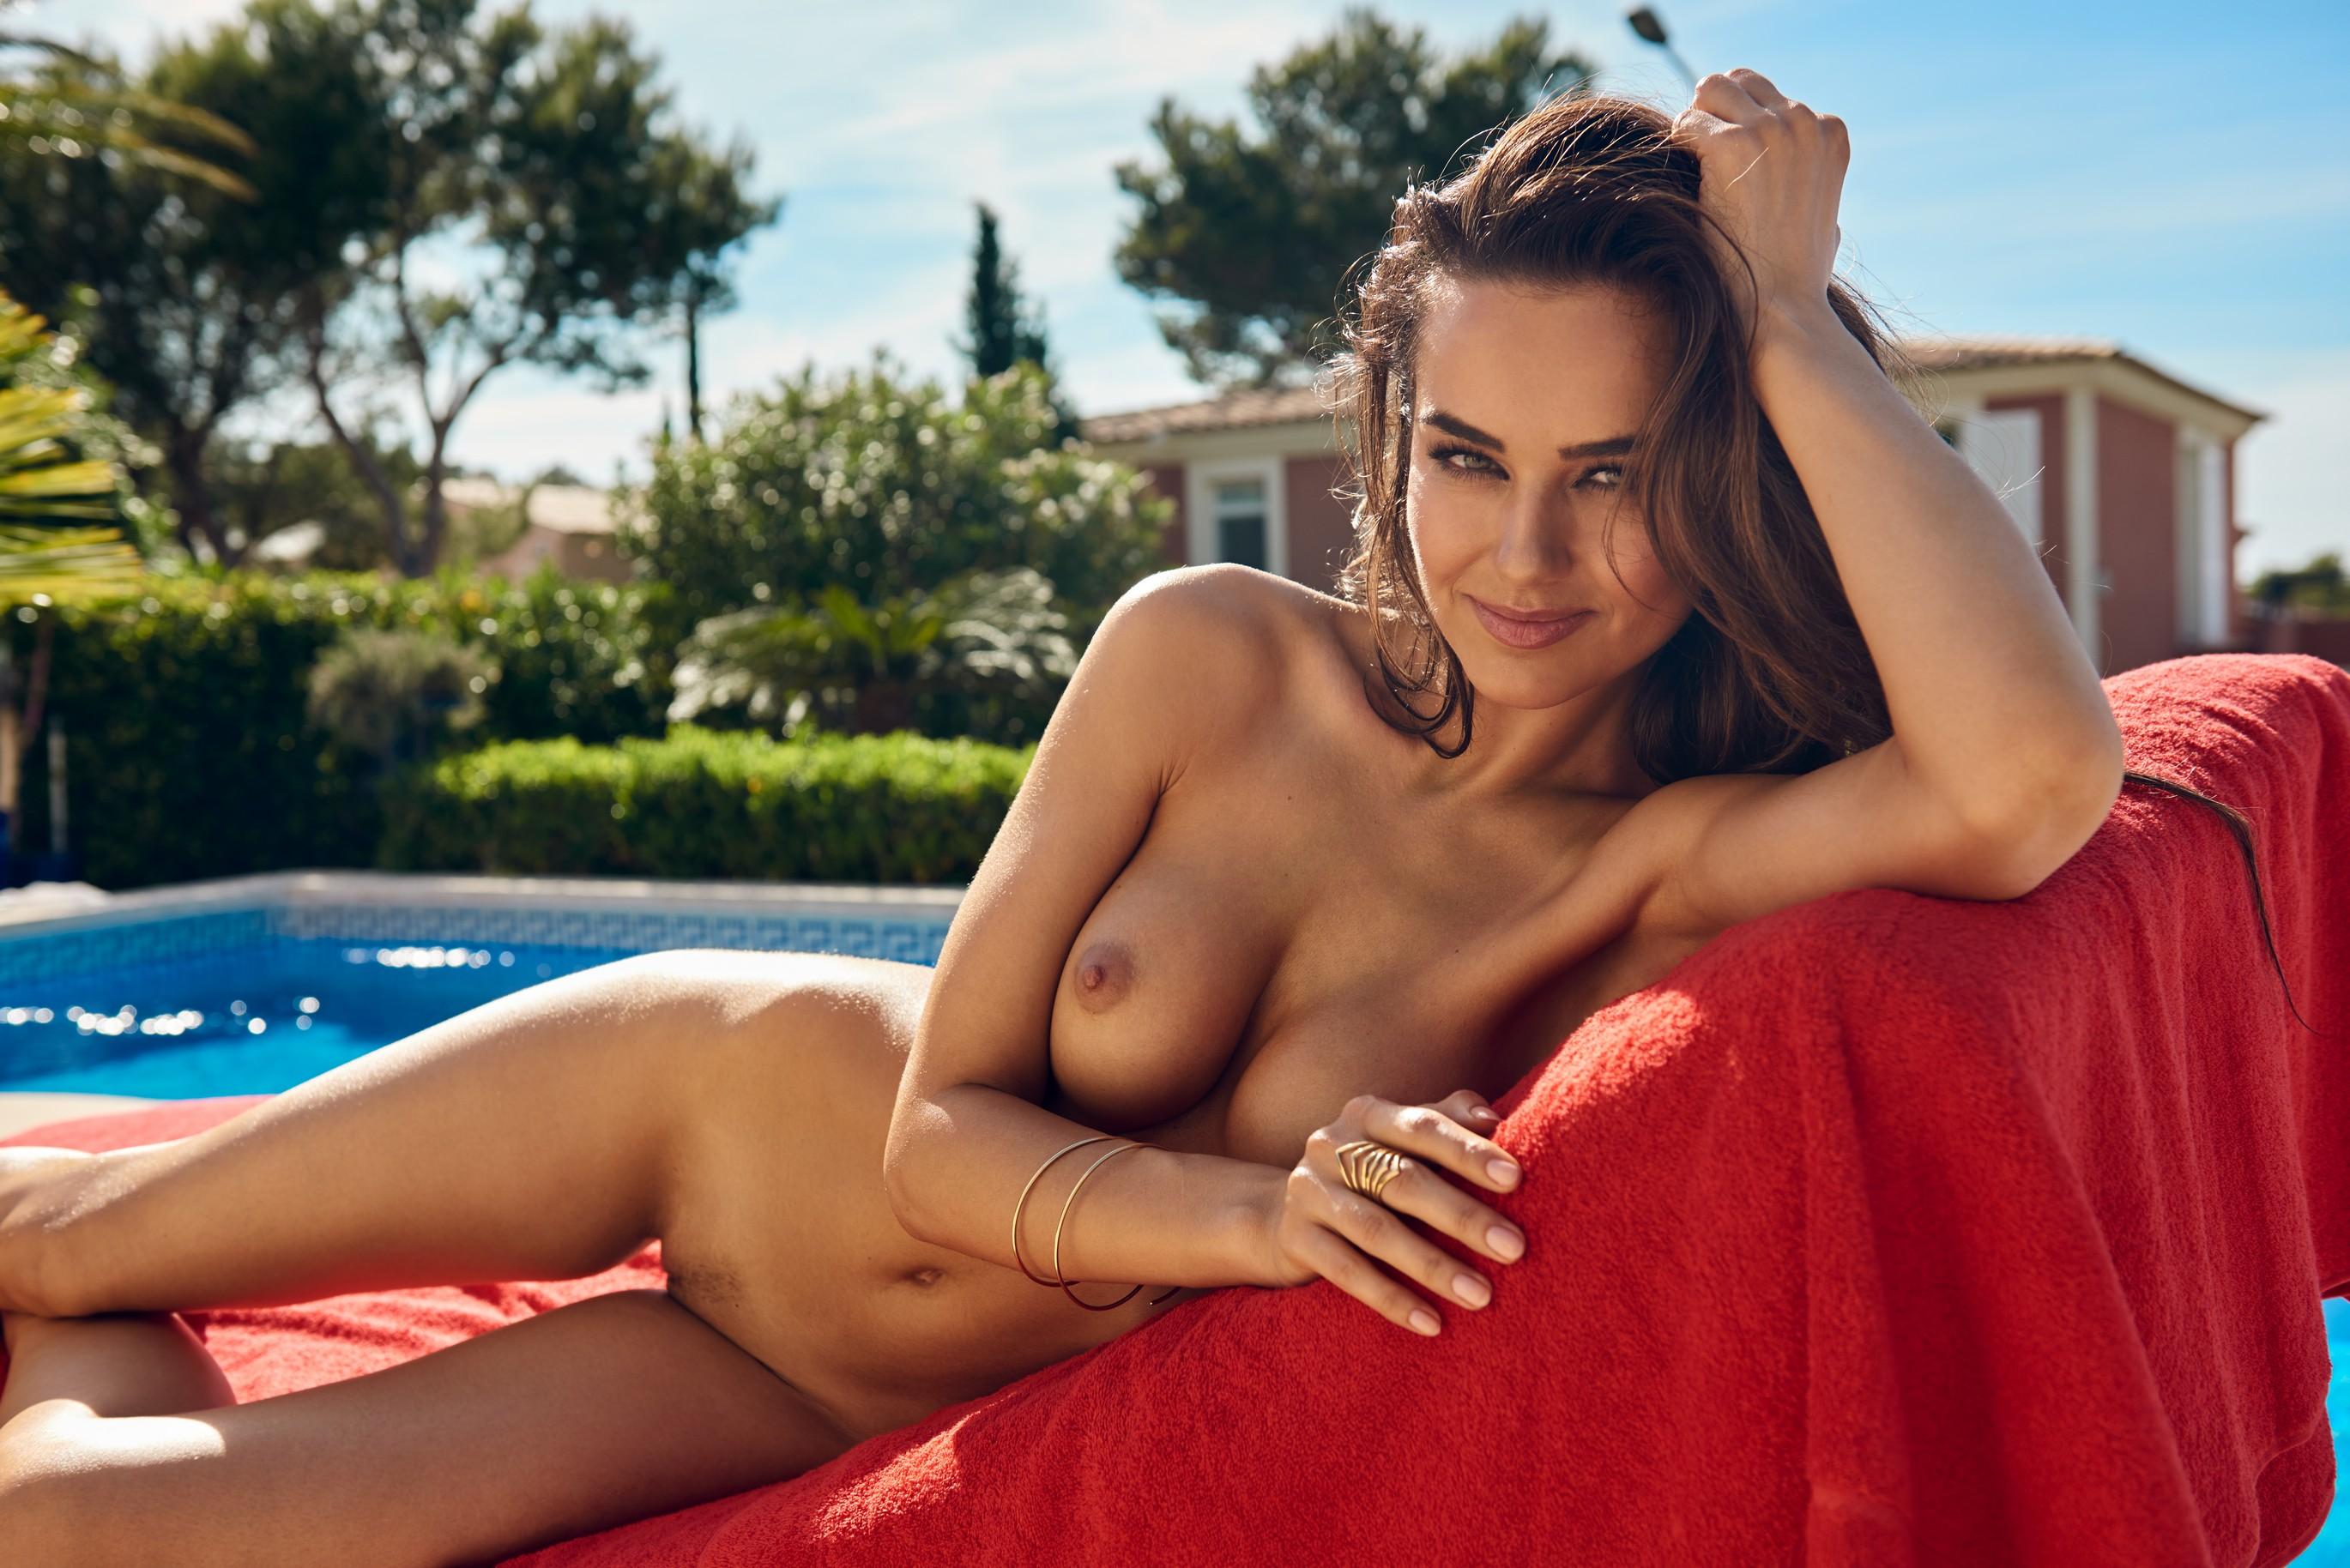 veronika-klimovits-nude-playmate-april-2018-playboy-19